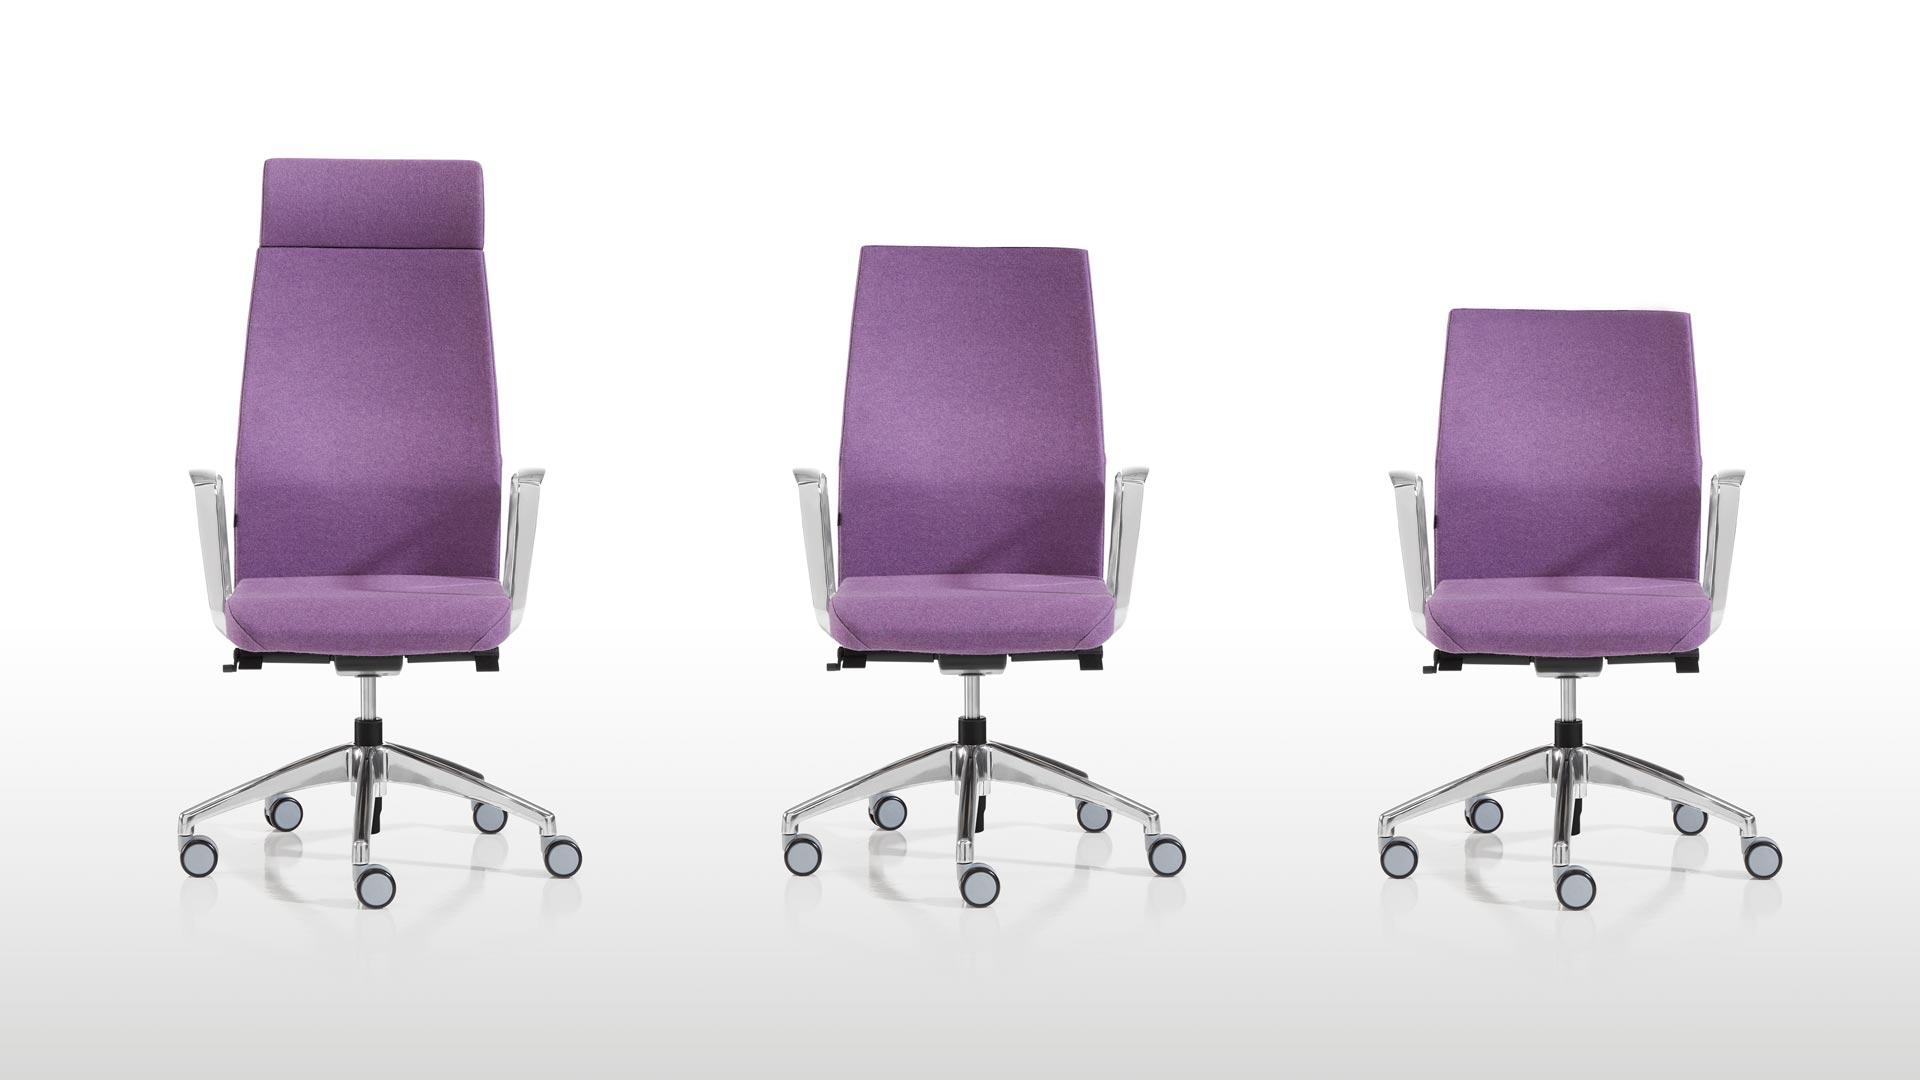 Sillones de direcci n t cnica de oficina for Especificaciones tecnicas de mobiliario de oficina